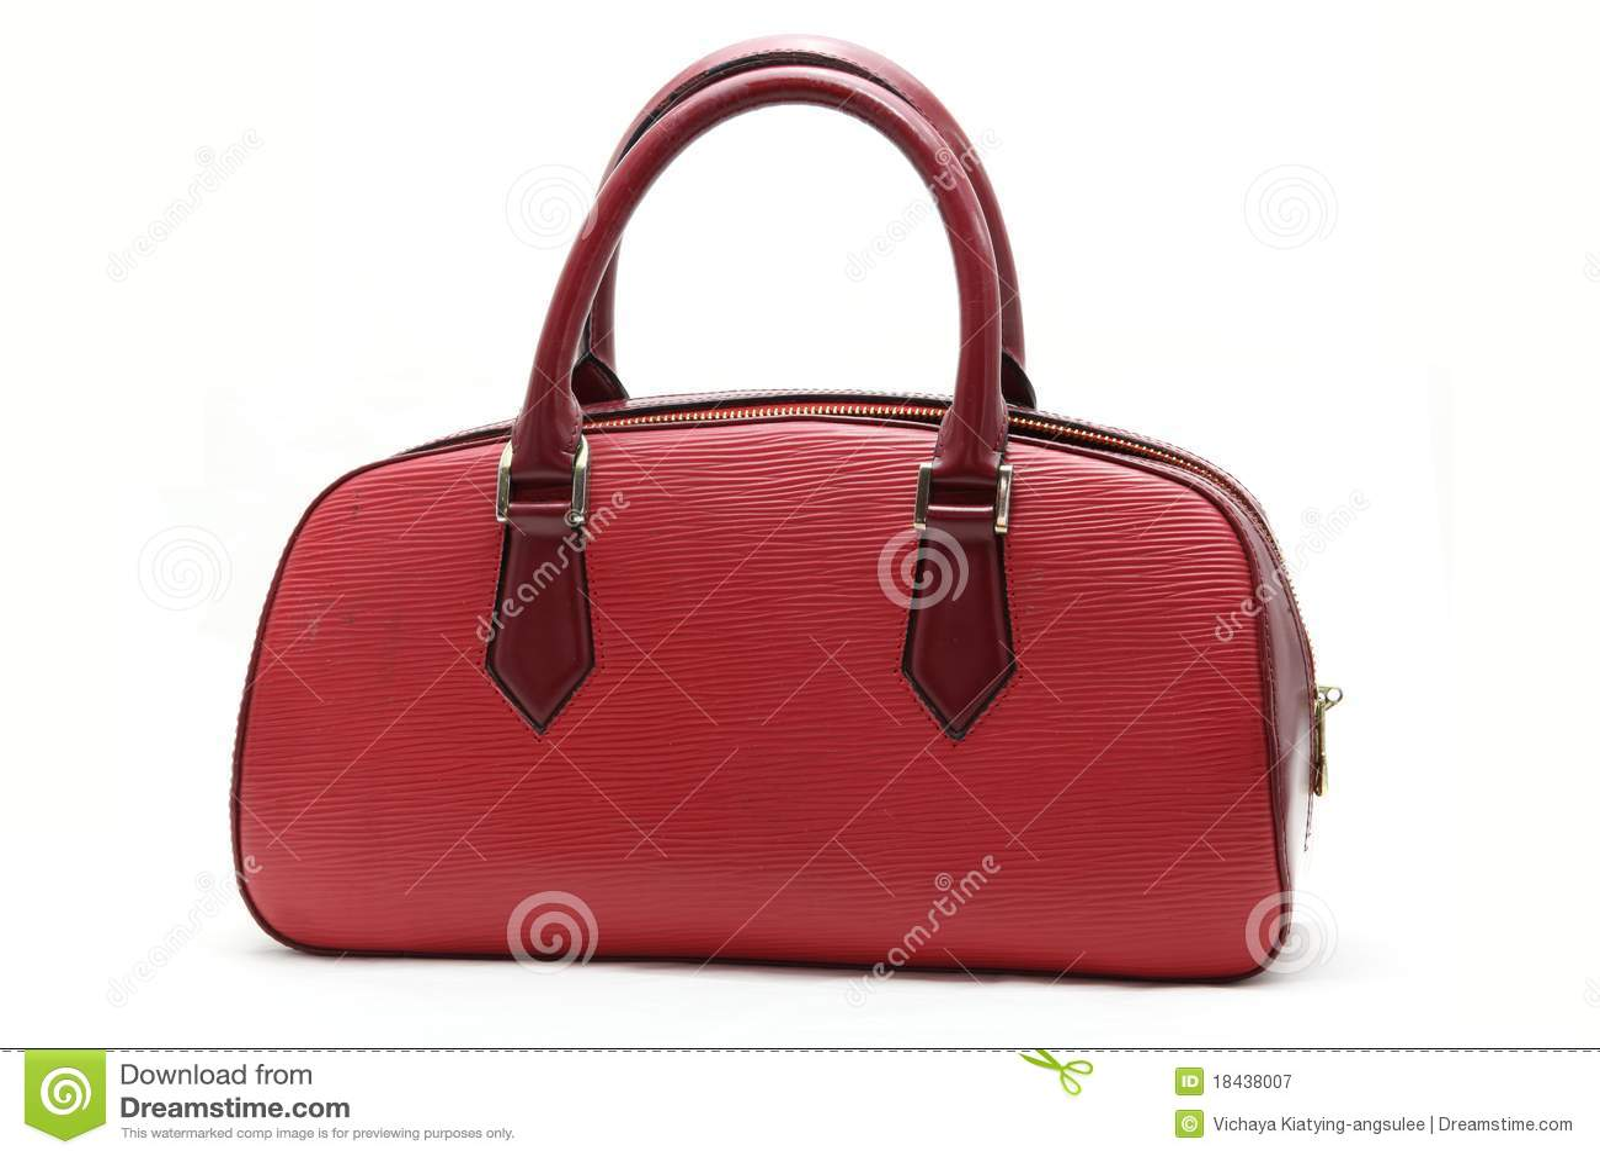 袋子假皮革红色妇女